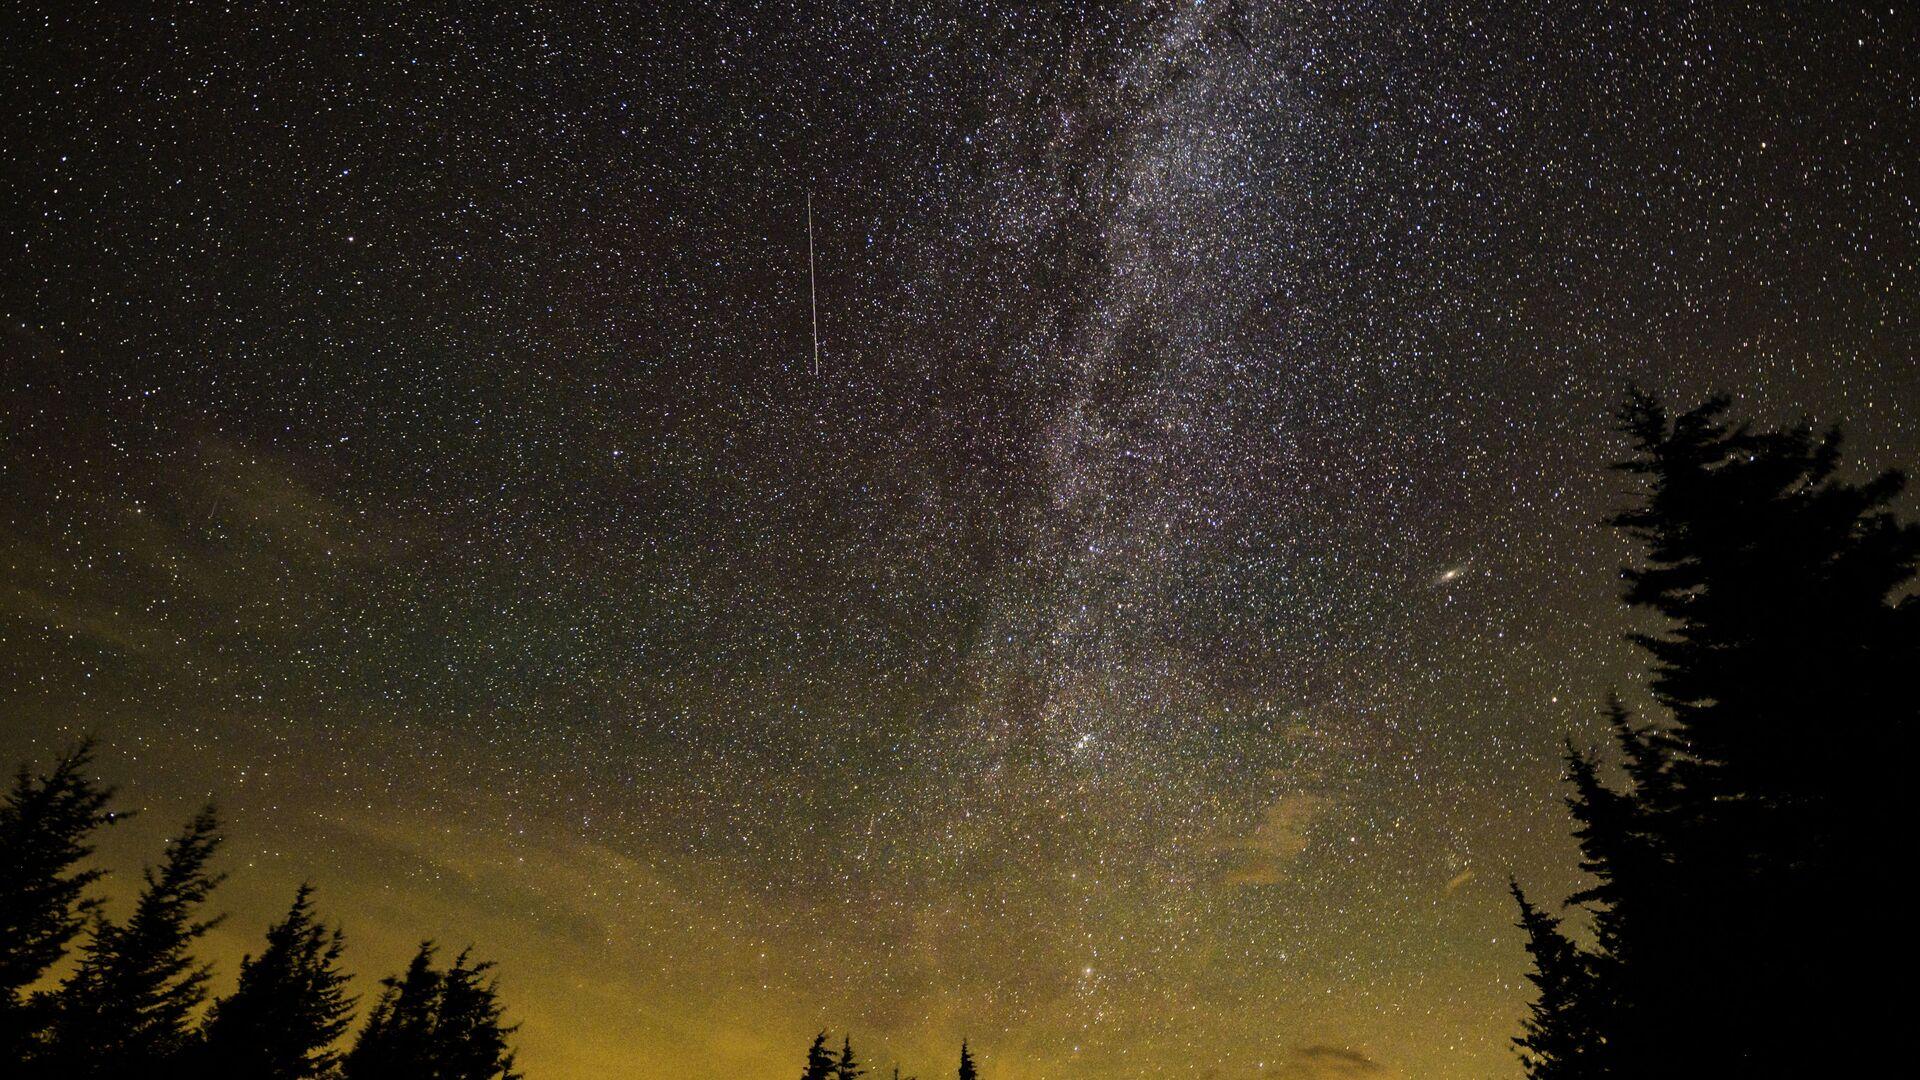 Ранний метеорный поток Персеиды, наблюдаемый в Спрус-Ноб, Западная Вирджиния  - Sputnik International, 1920, 28.09.2021